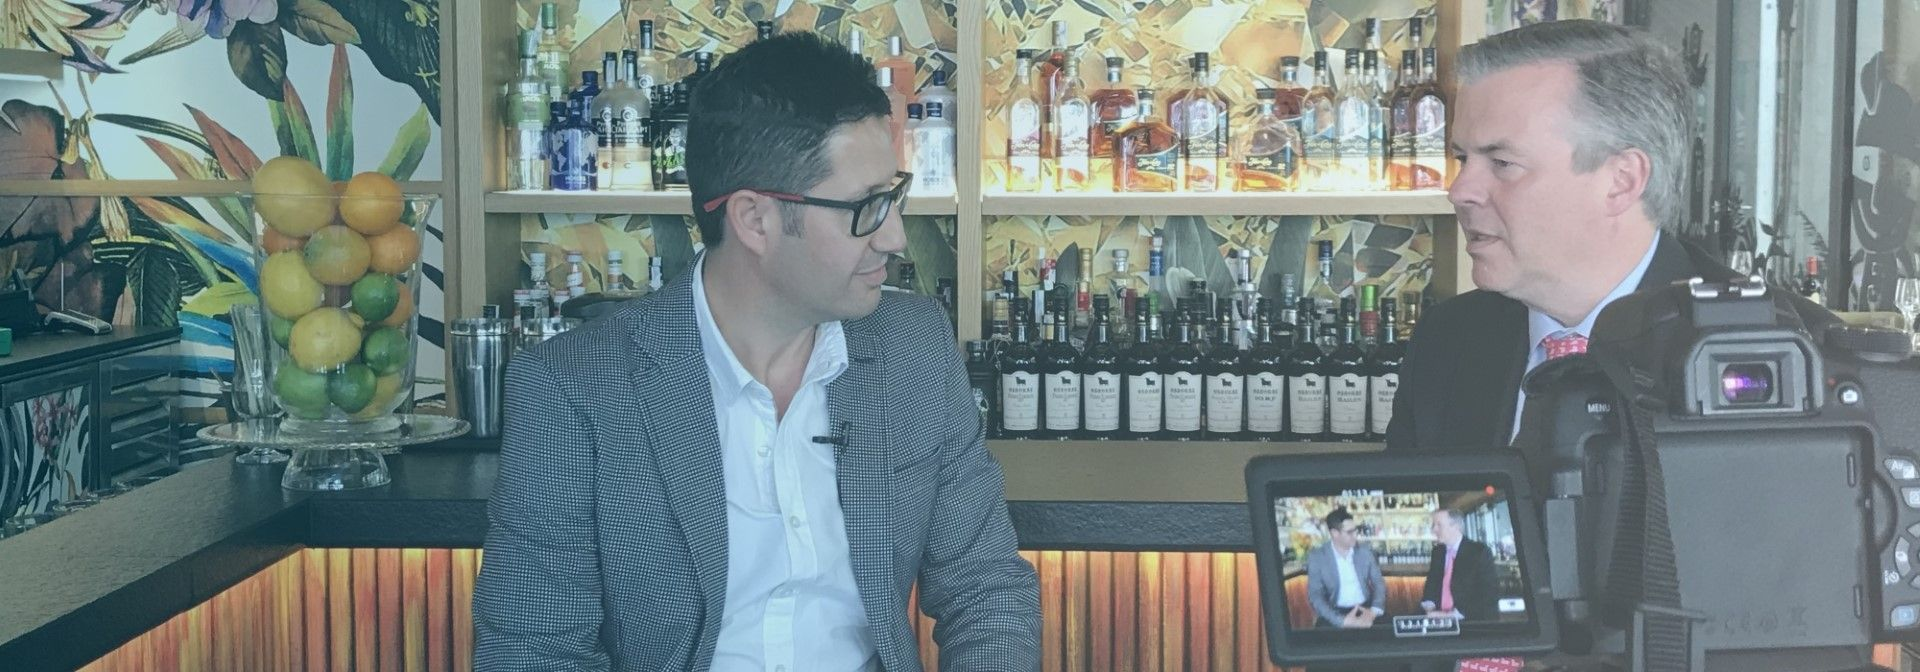 Video entrevista con Osborne